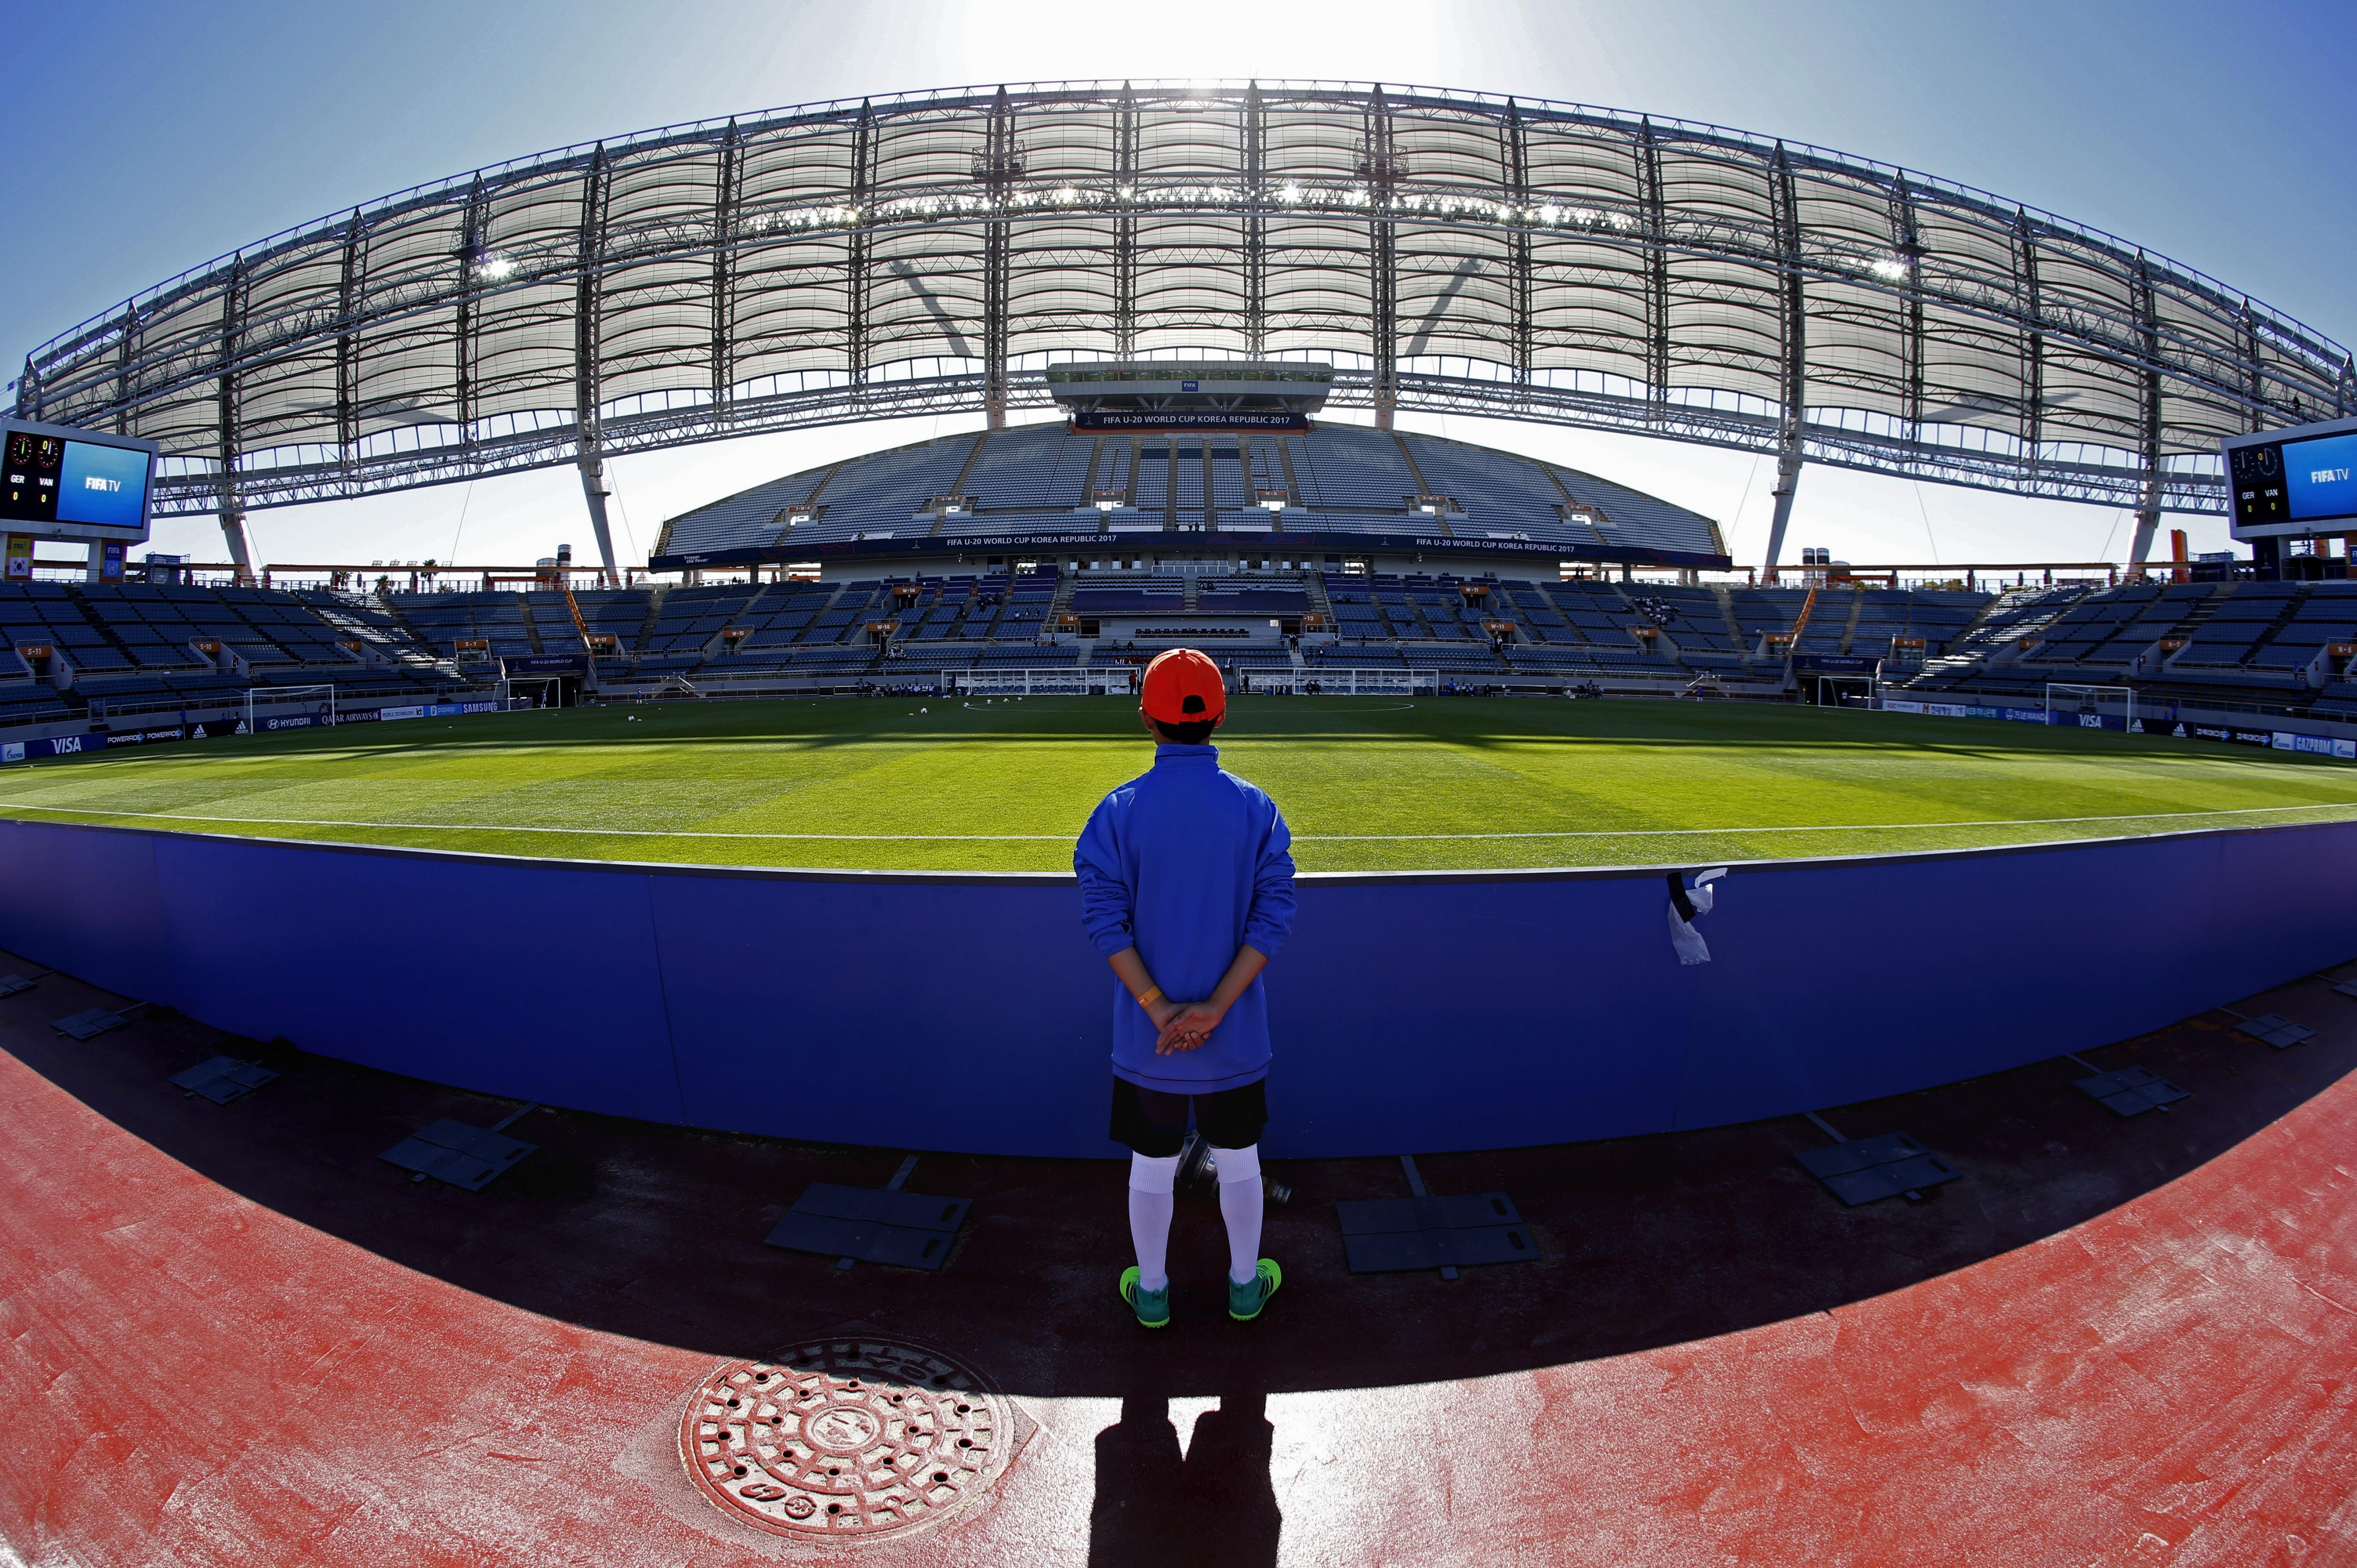 L'Estadi de la Copa del Món de Jeju, un dels camps on es disputa el Mundial de la FIFA sub-20, a Seogwipo (Corea del Sud). /WALLACE WOON